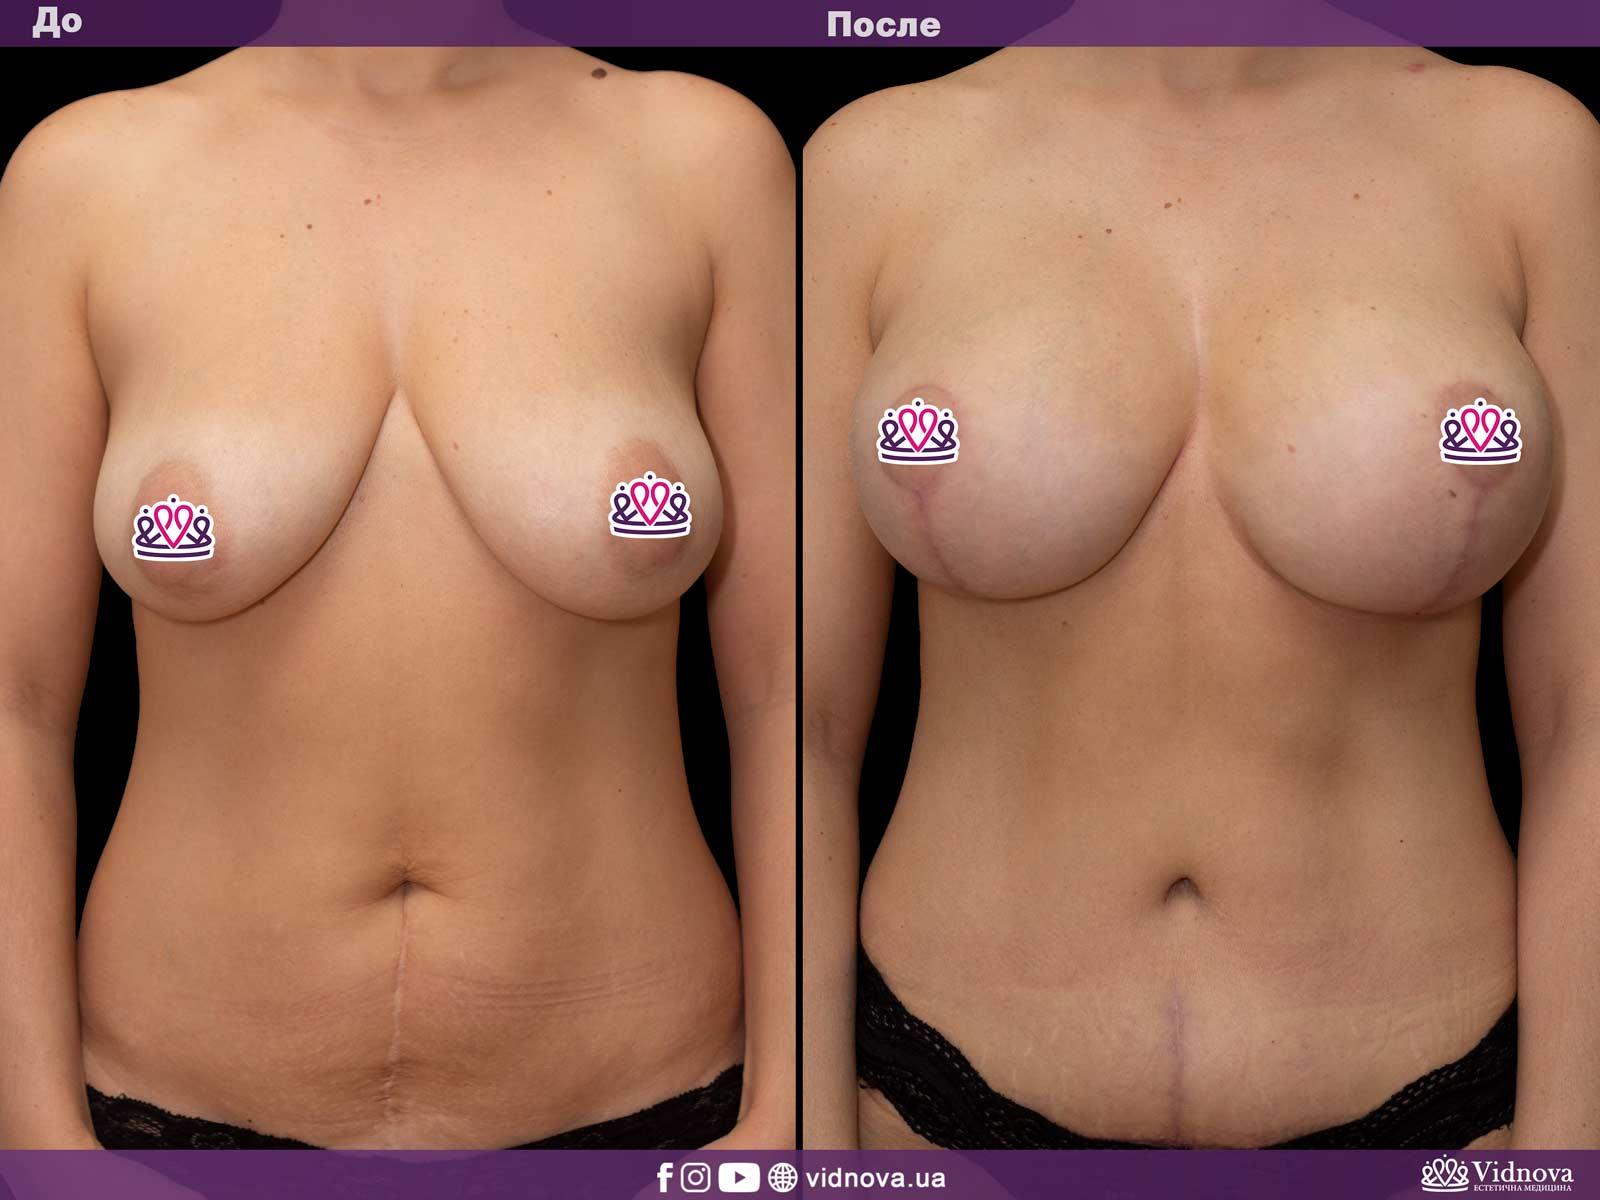 Совмещенные операции: Фото До и После - Пример №3-4 - Клиника Vidnova